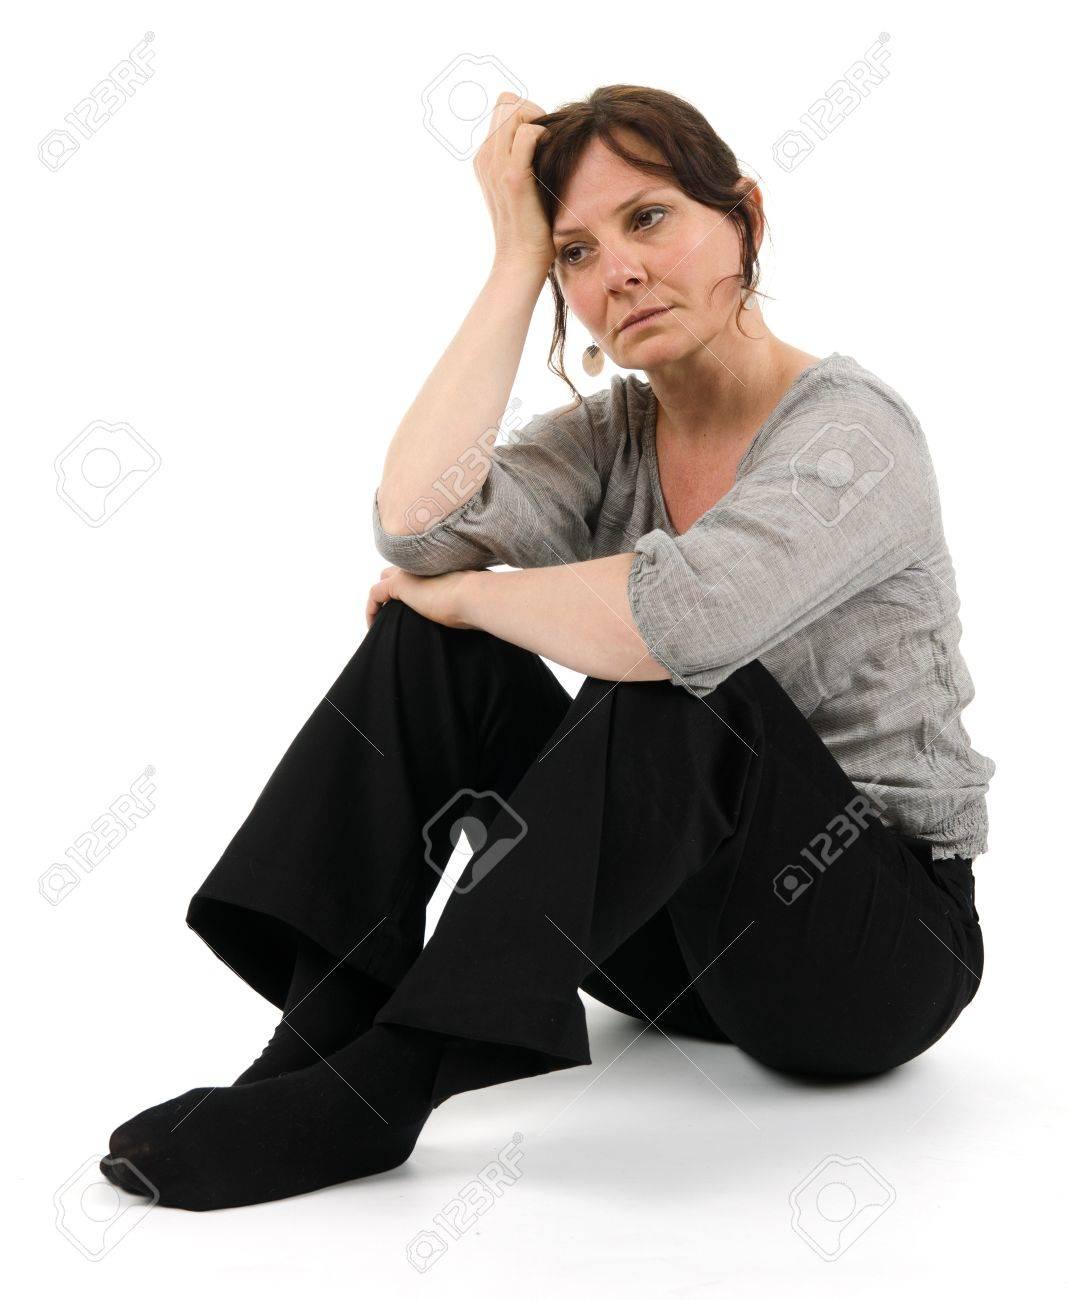 A melancholic woman Stock Photo - 11559193